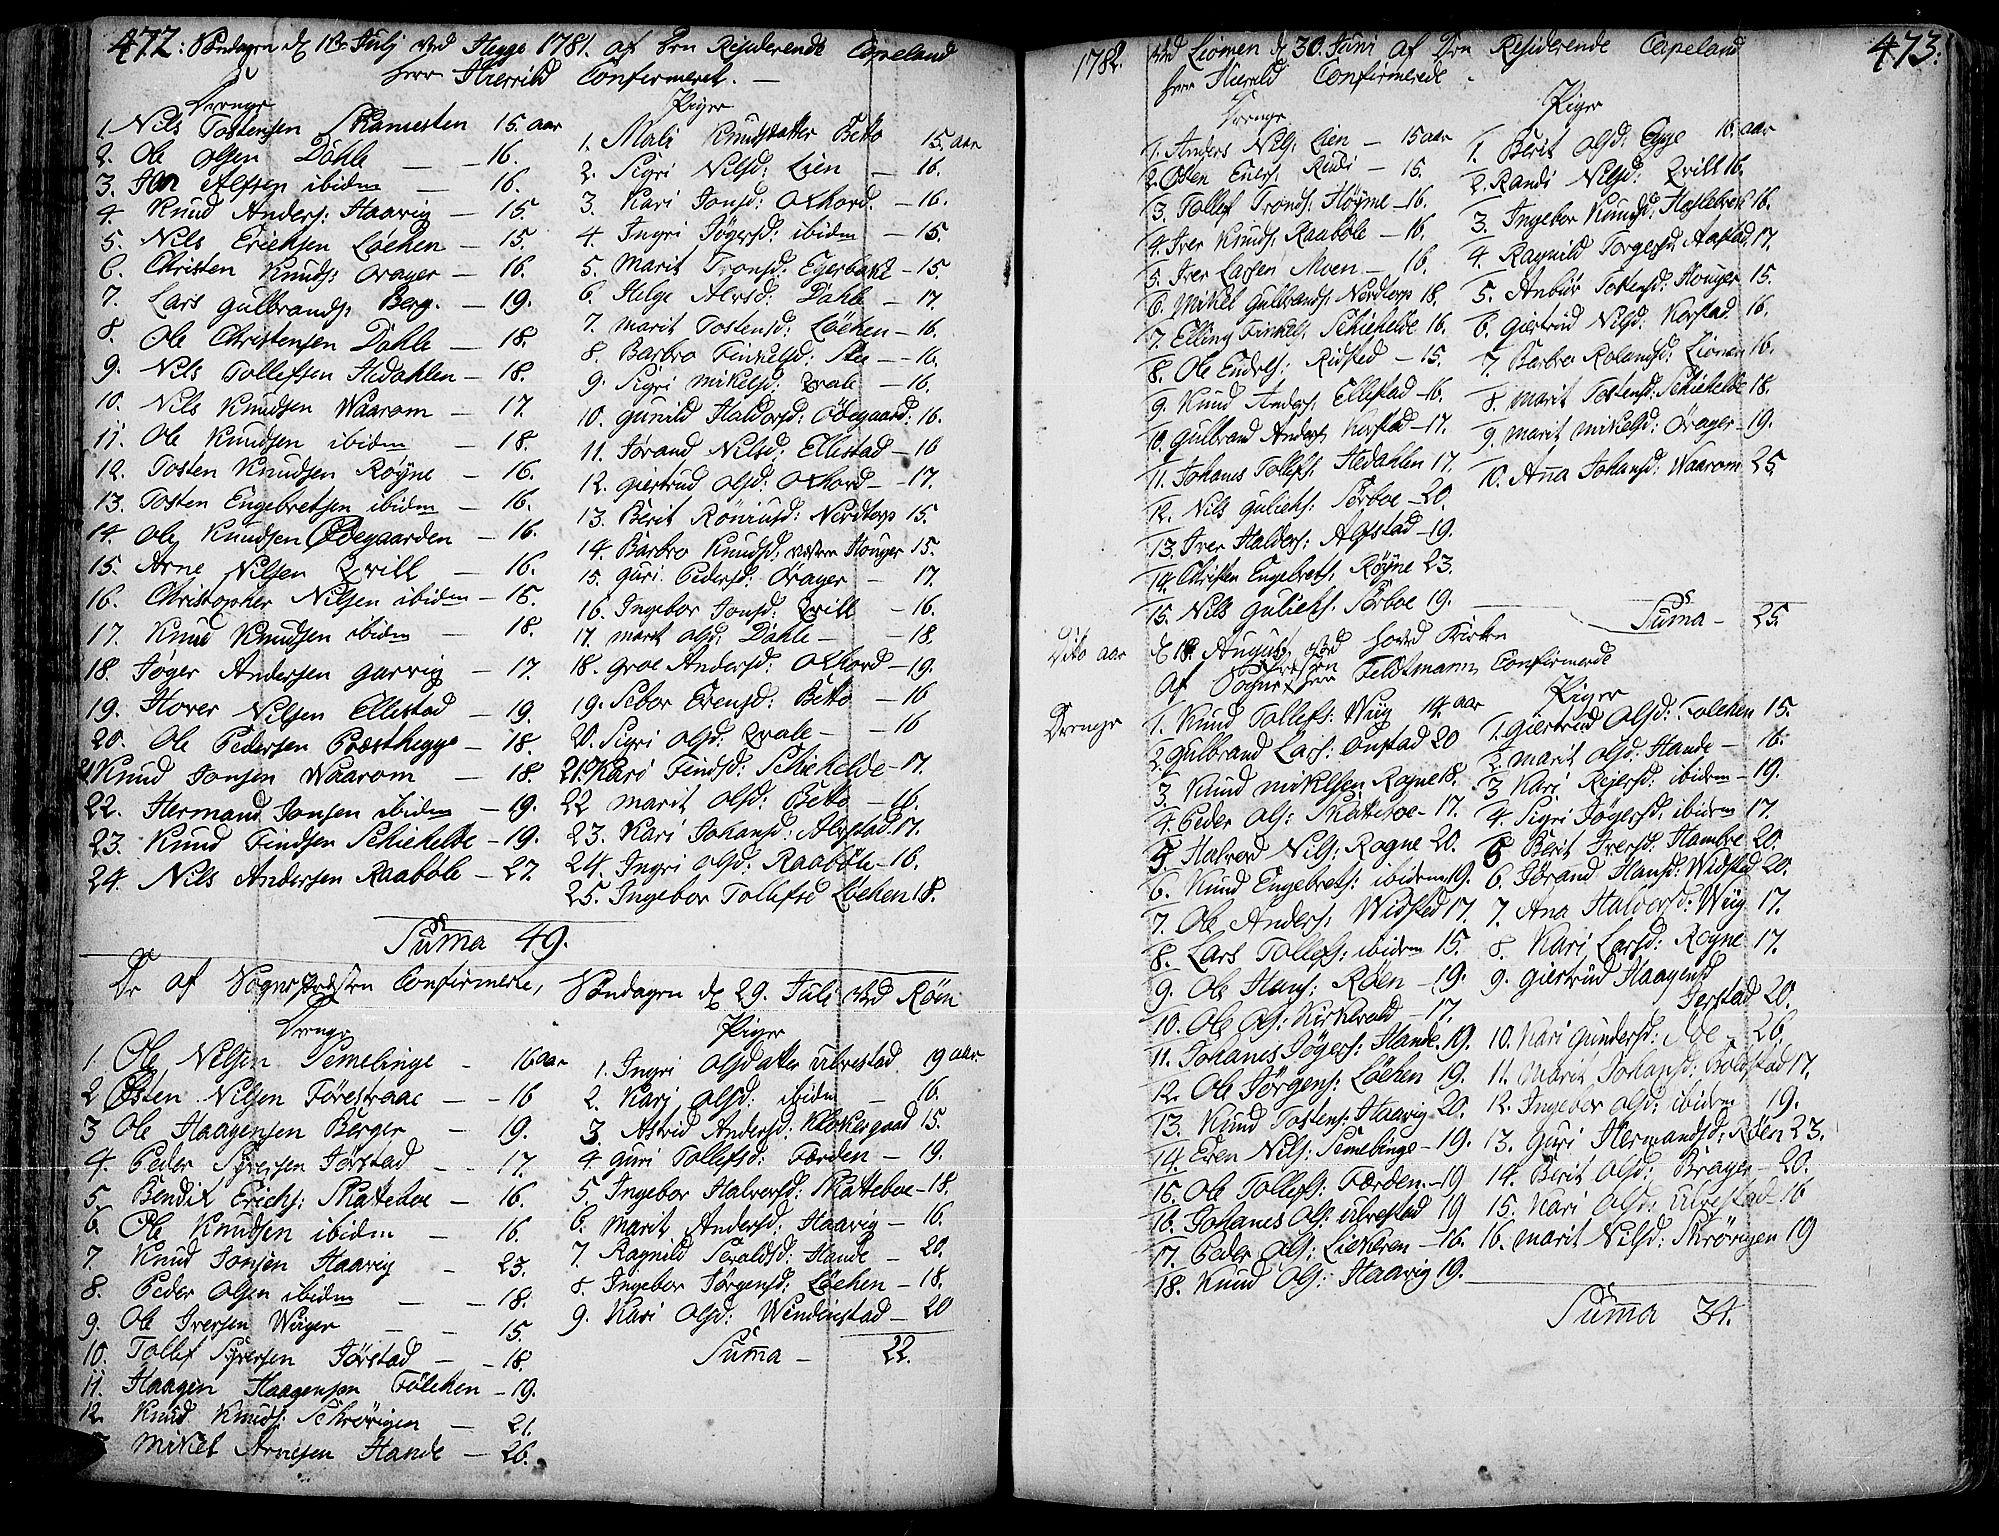 SAH, Slidre prestekontor, Ministerialbok nr. 1, 1724-1814, s. 472-473